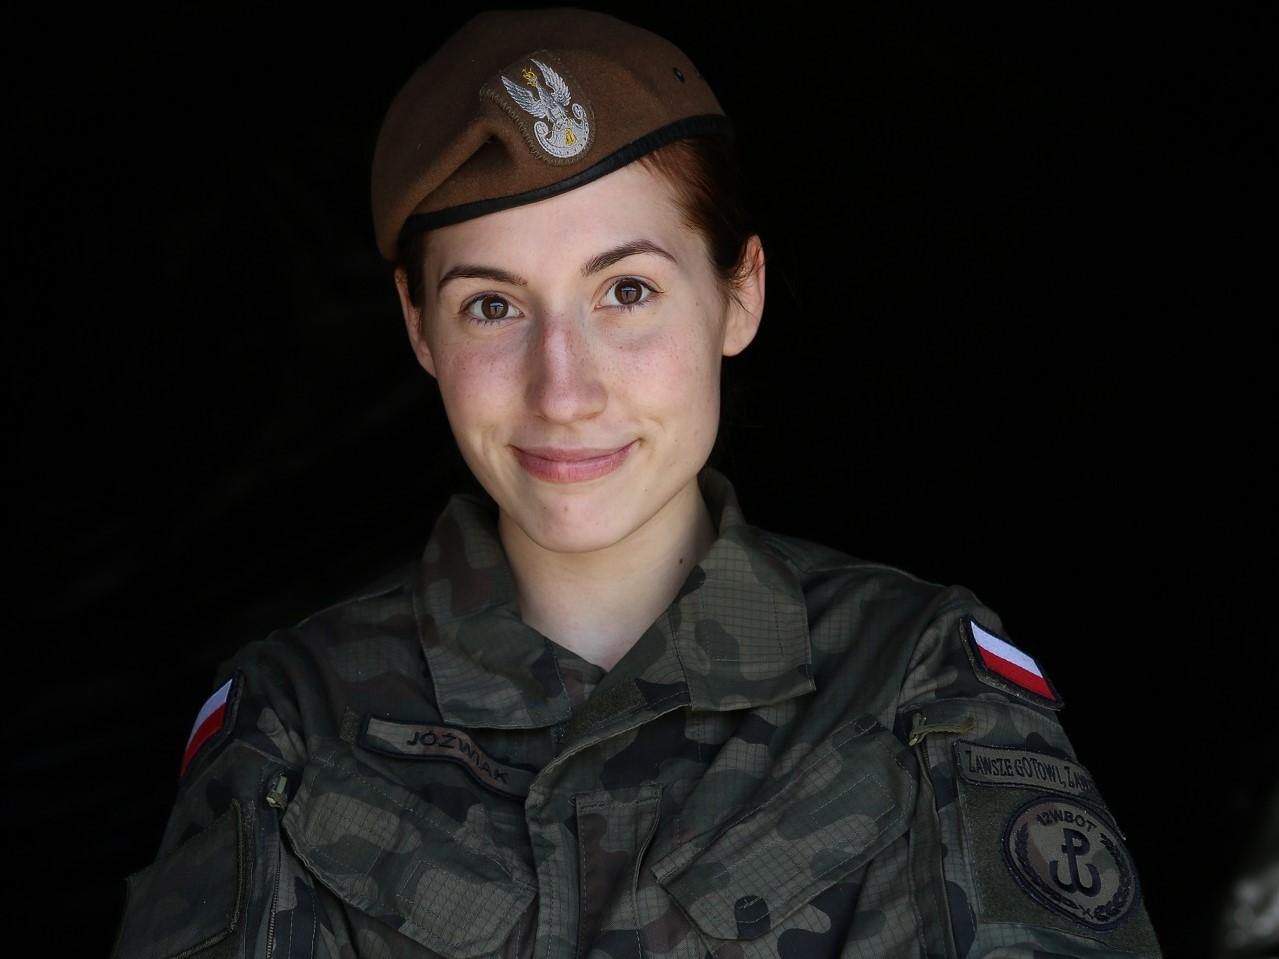 Szeregowy Sara Jóźwiak z 12. Wielkopolskiej Brygady Obrony Terytorialnej MMA - 12. Wielkopolska Brygada Obrony Terytorialnej